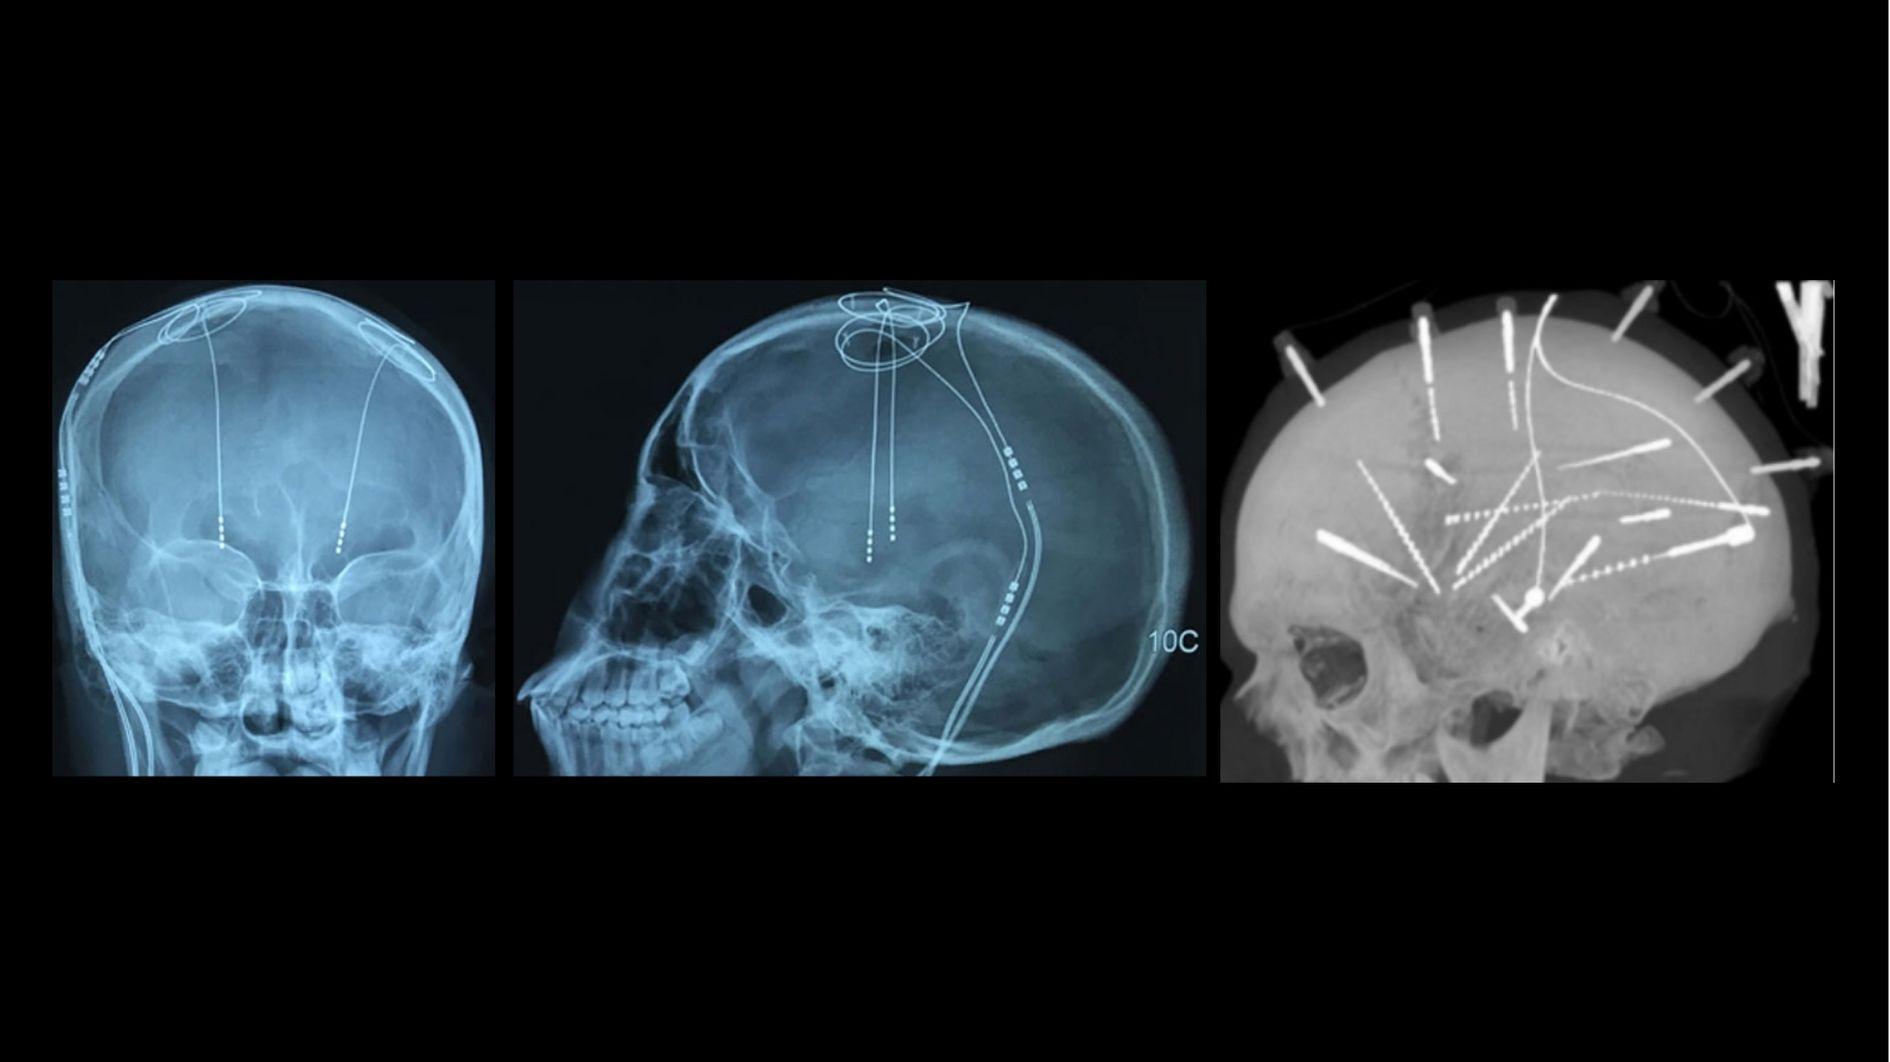 起きたまま脳に電極を刺す手術が行われ強迫性障害を治療することに成功! 左2枚は脳深部刺激療法(DBS)の代表的な画像で、右の1枚は別タイプのEEGと呼ばれる脳の刺激法